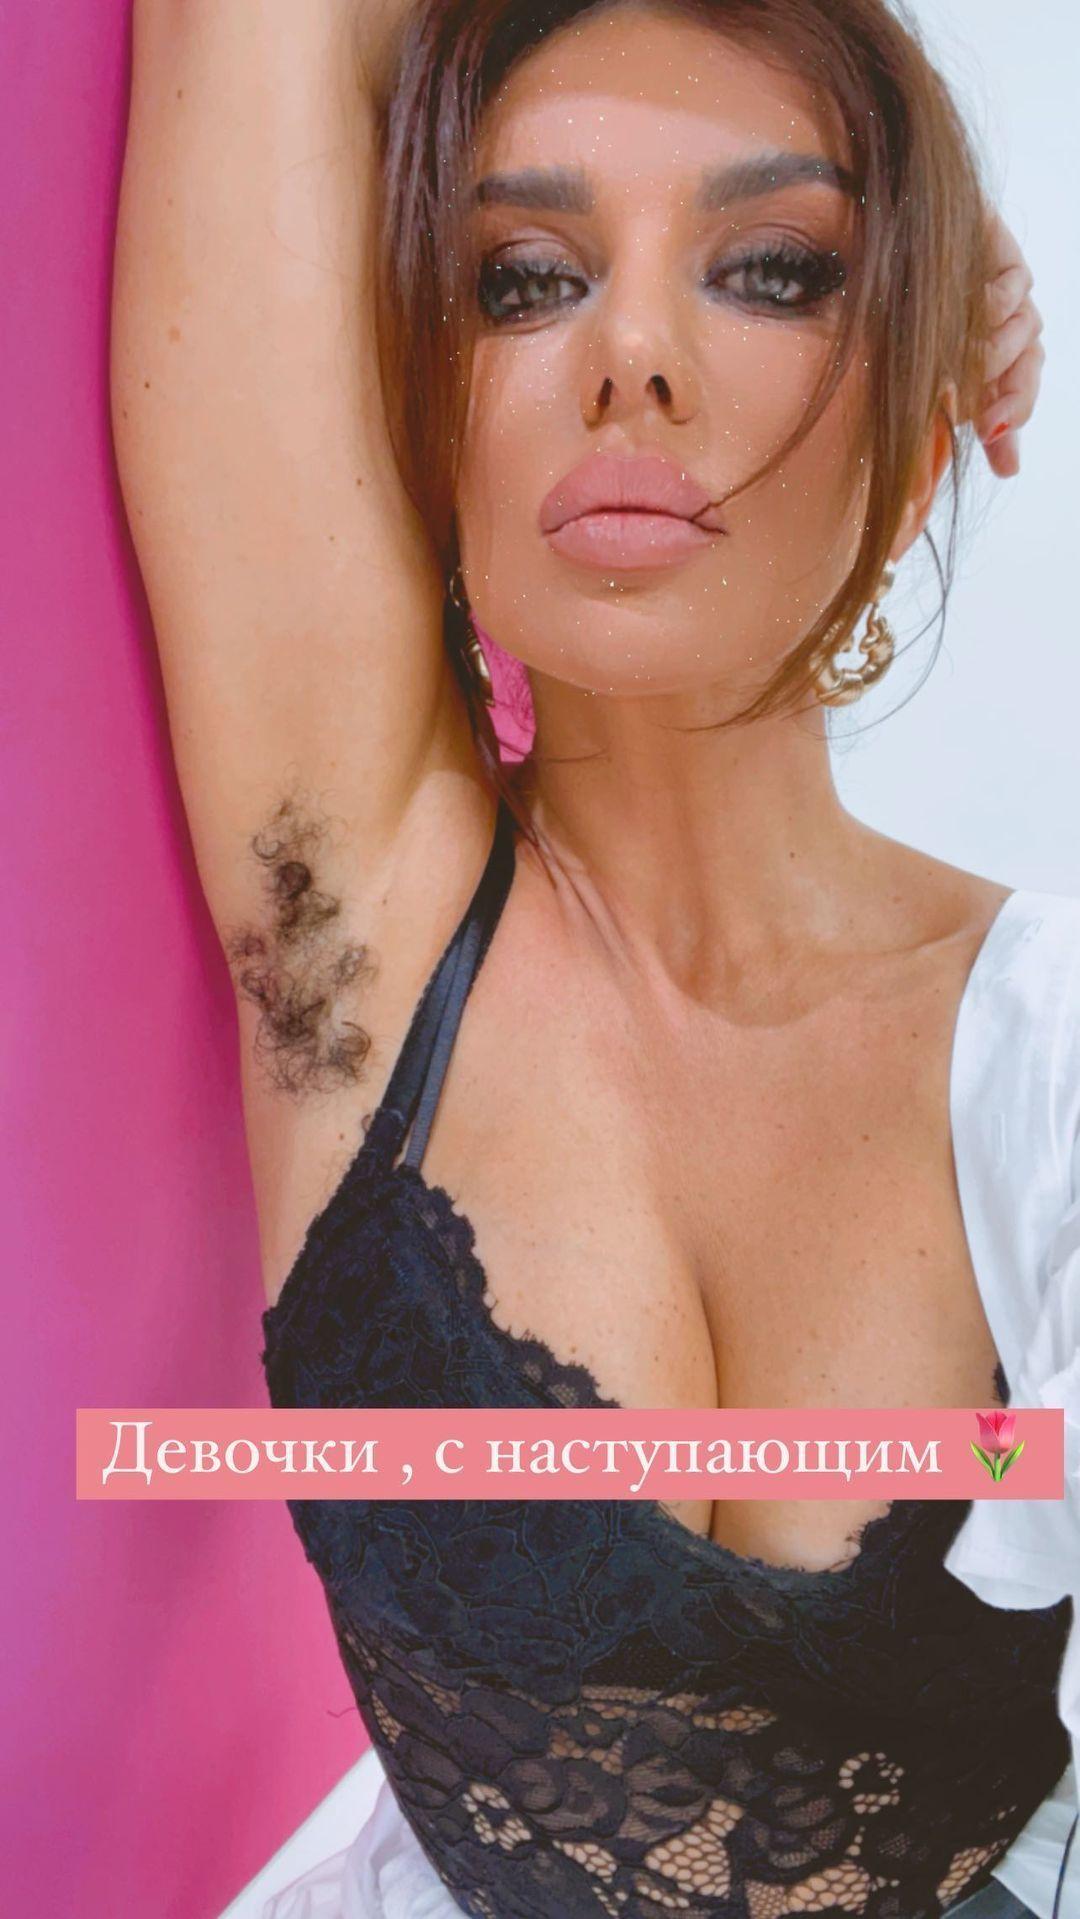 Анна Сєдокова_2